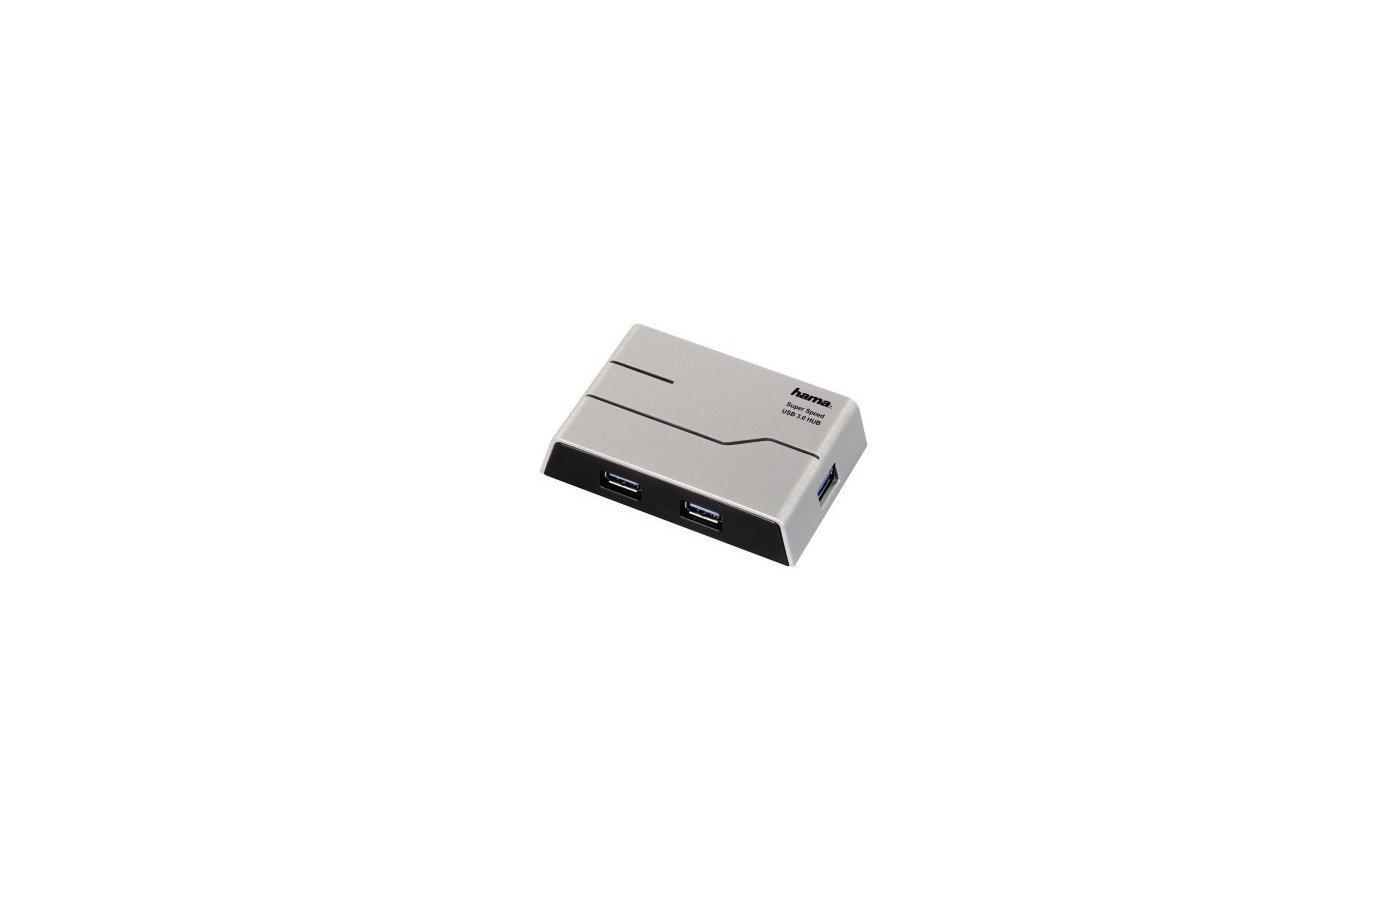 Разветвитель USB 3.0 Hama SuperSpeedActive(39879) портов 4 серебристый